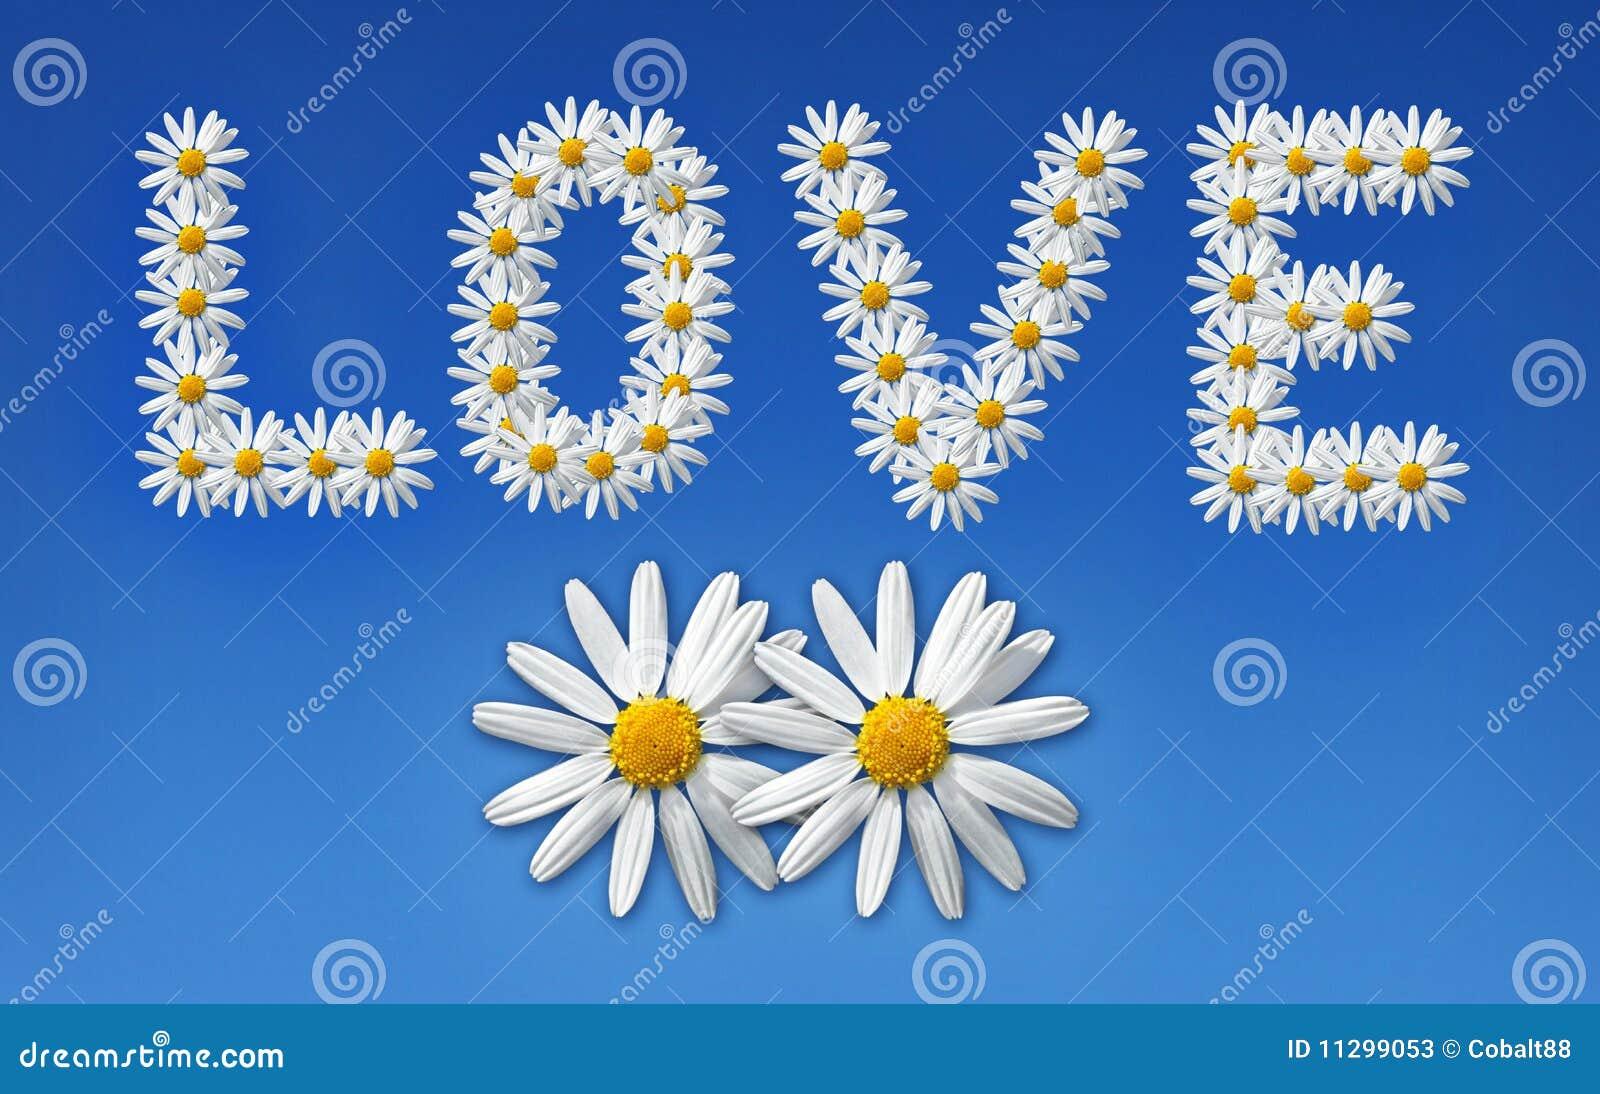 Fleurs d'amour image stock. Image du botanique, instruction - 11299053